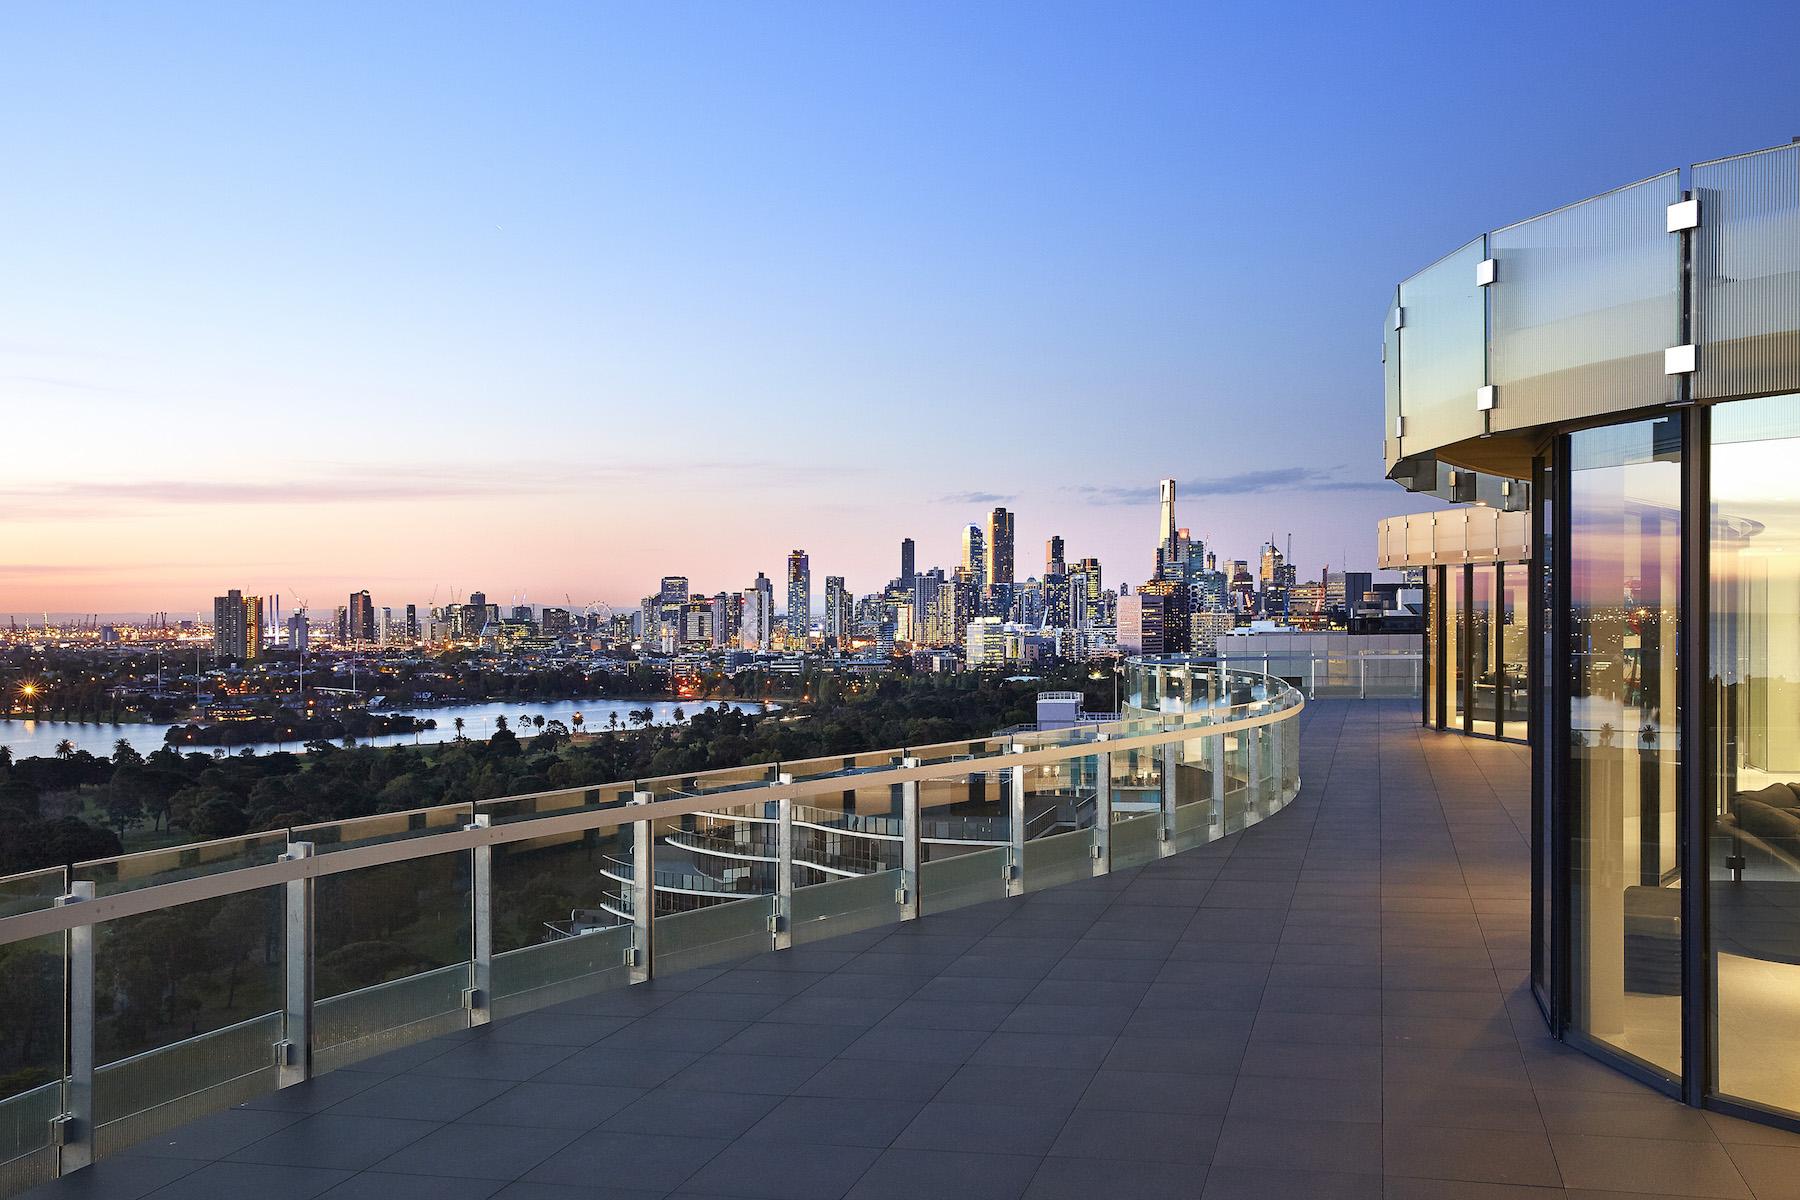 Appartamento per Vendita alle ore 1903-1904 of 576-578 St Kilda Road 1903 - 578 St Kilda Road Melbourne, Victoria, 3004 Australia